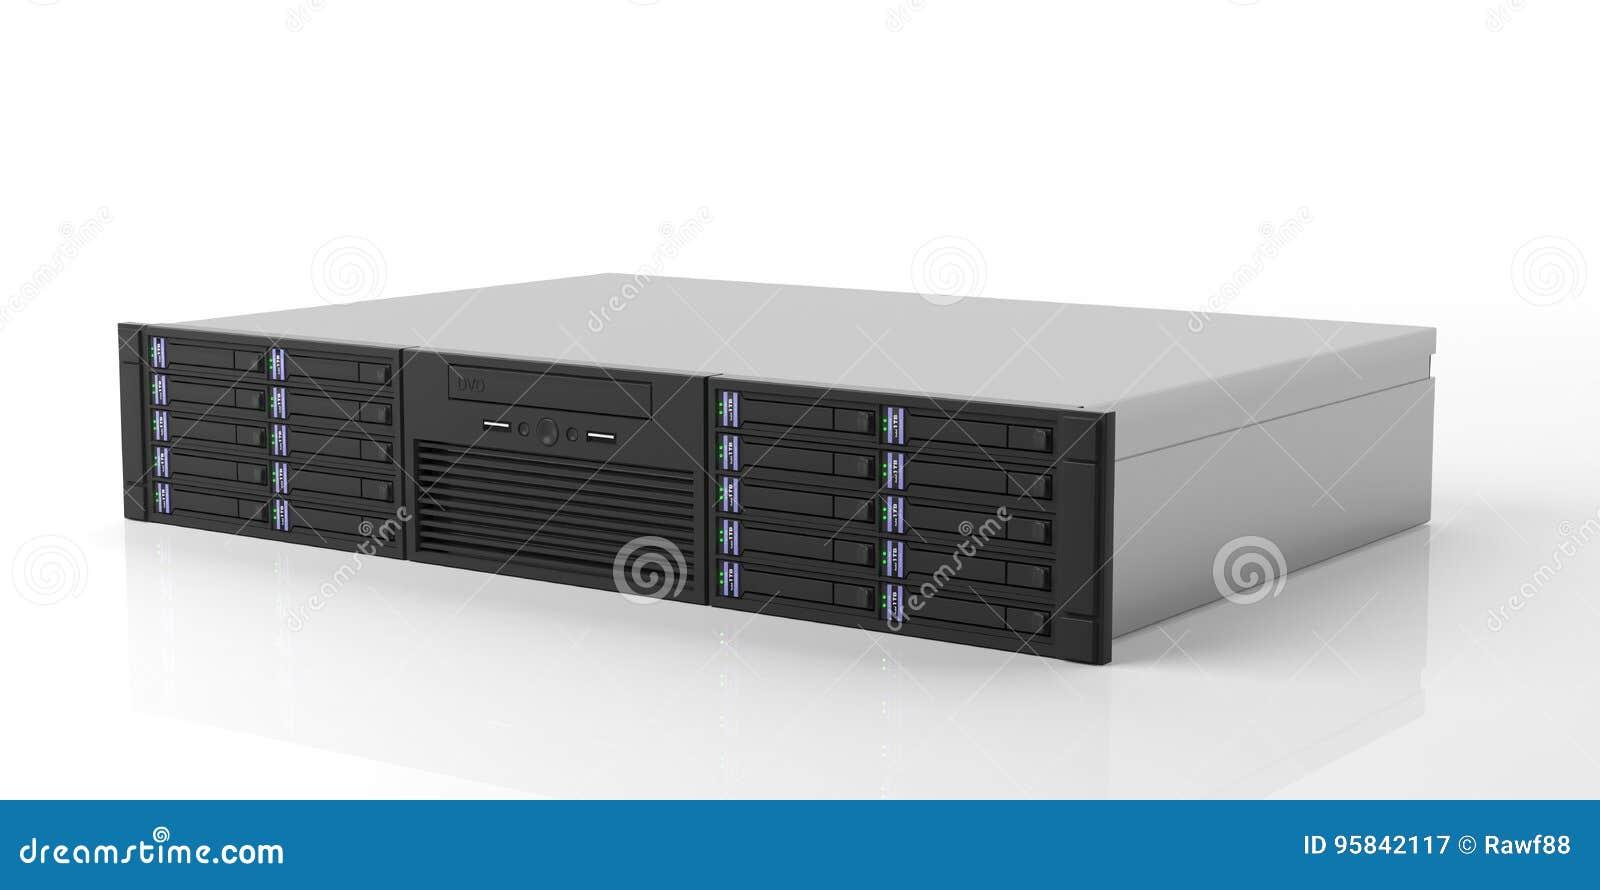 Download comp  sc 1 st  Dreamstime.com & Computer Server Storage Unit On White Background. 3d Illustration ...